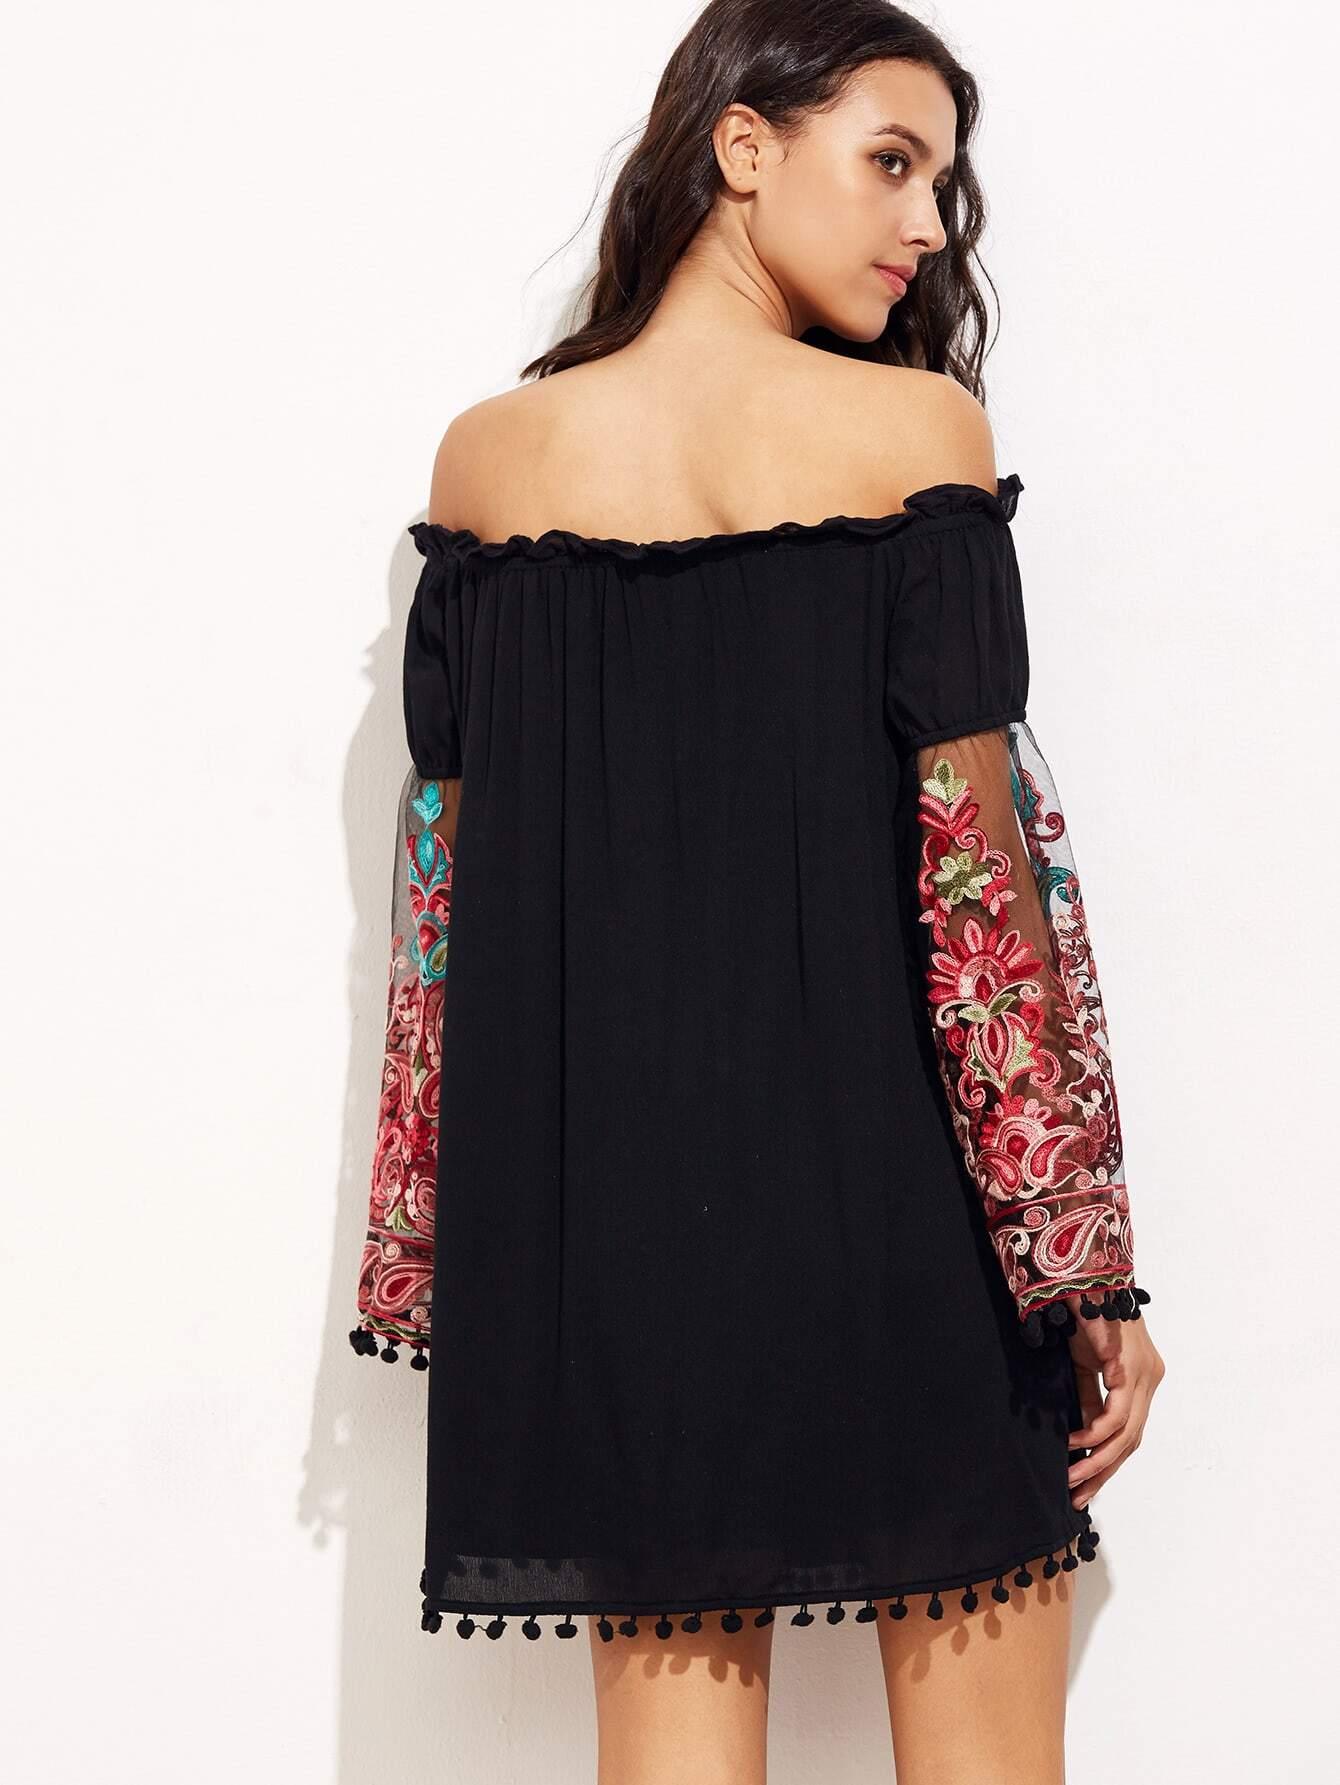 dress160913502_2